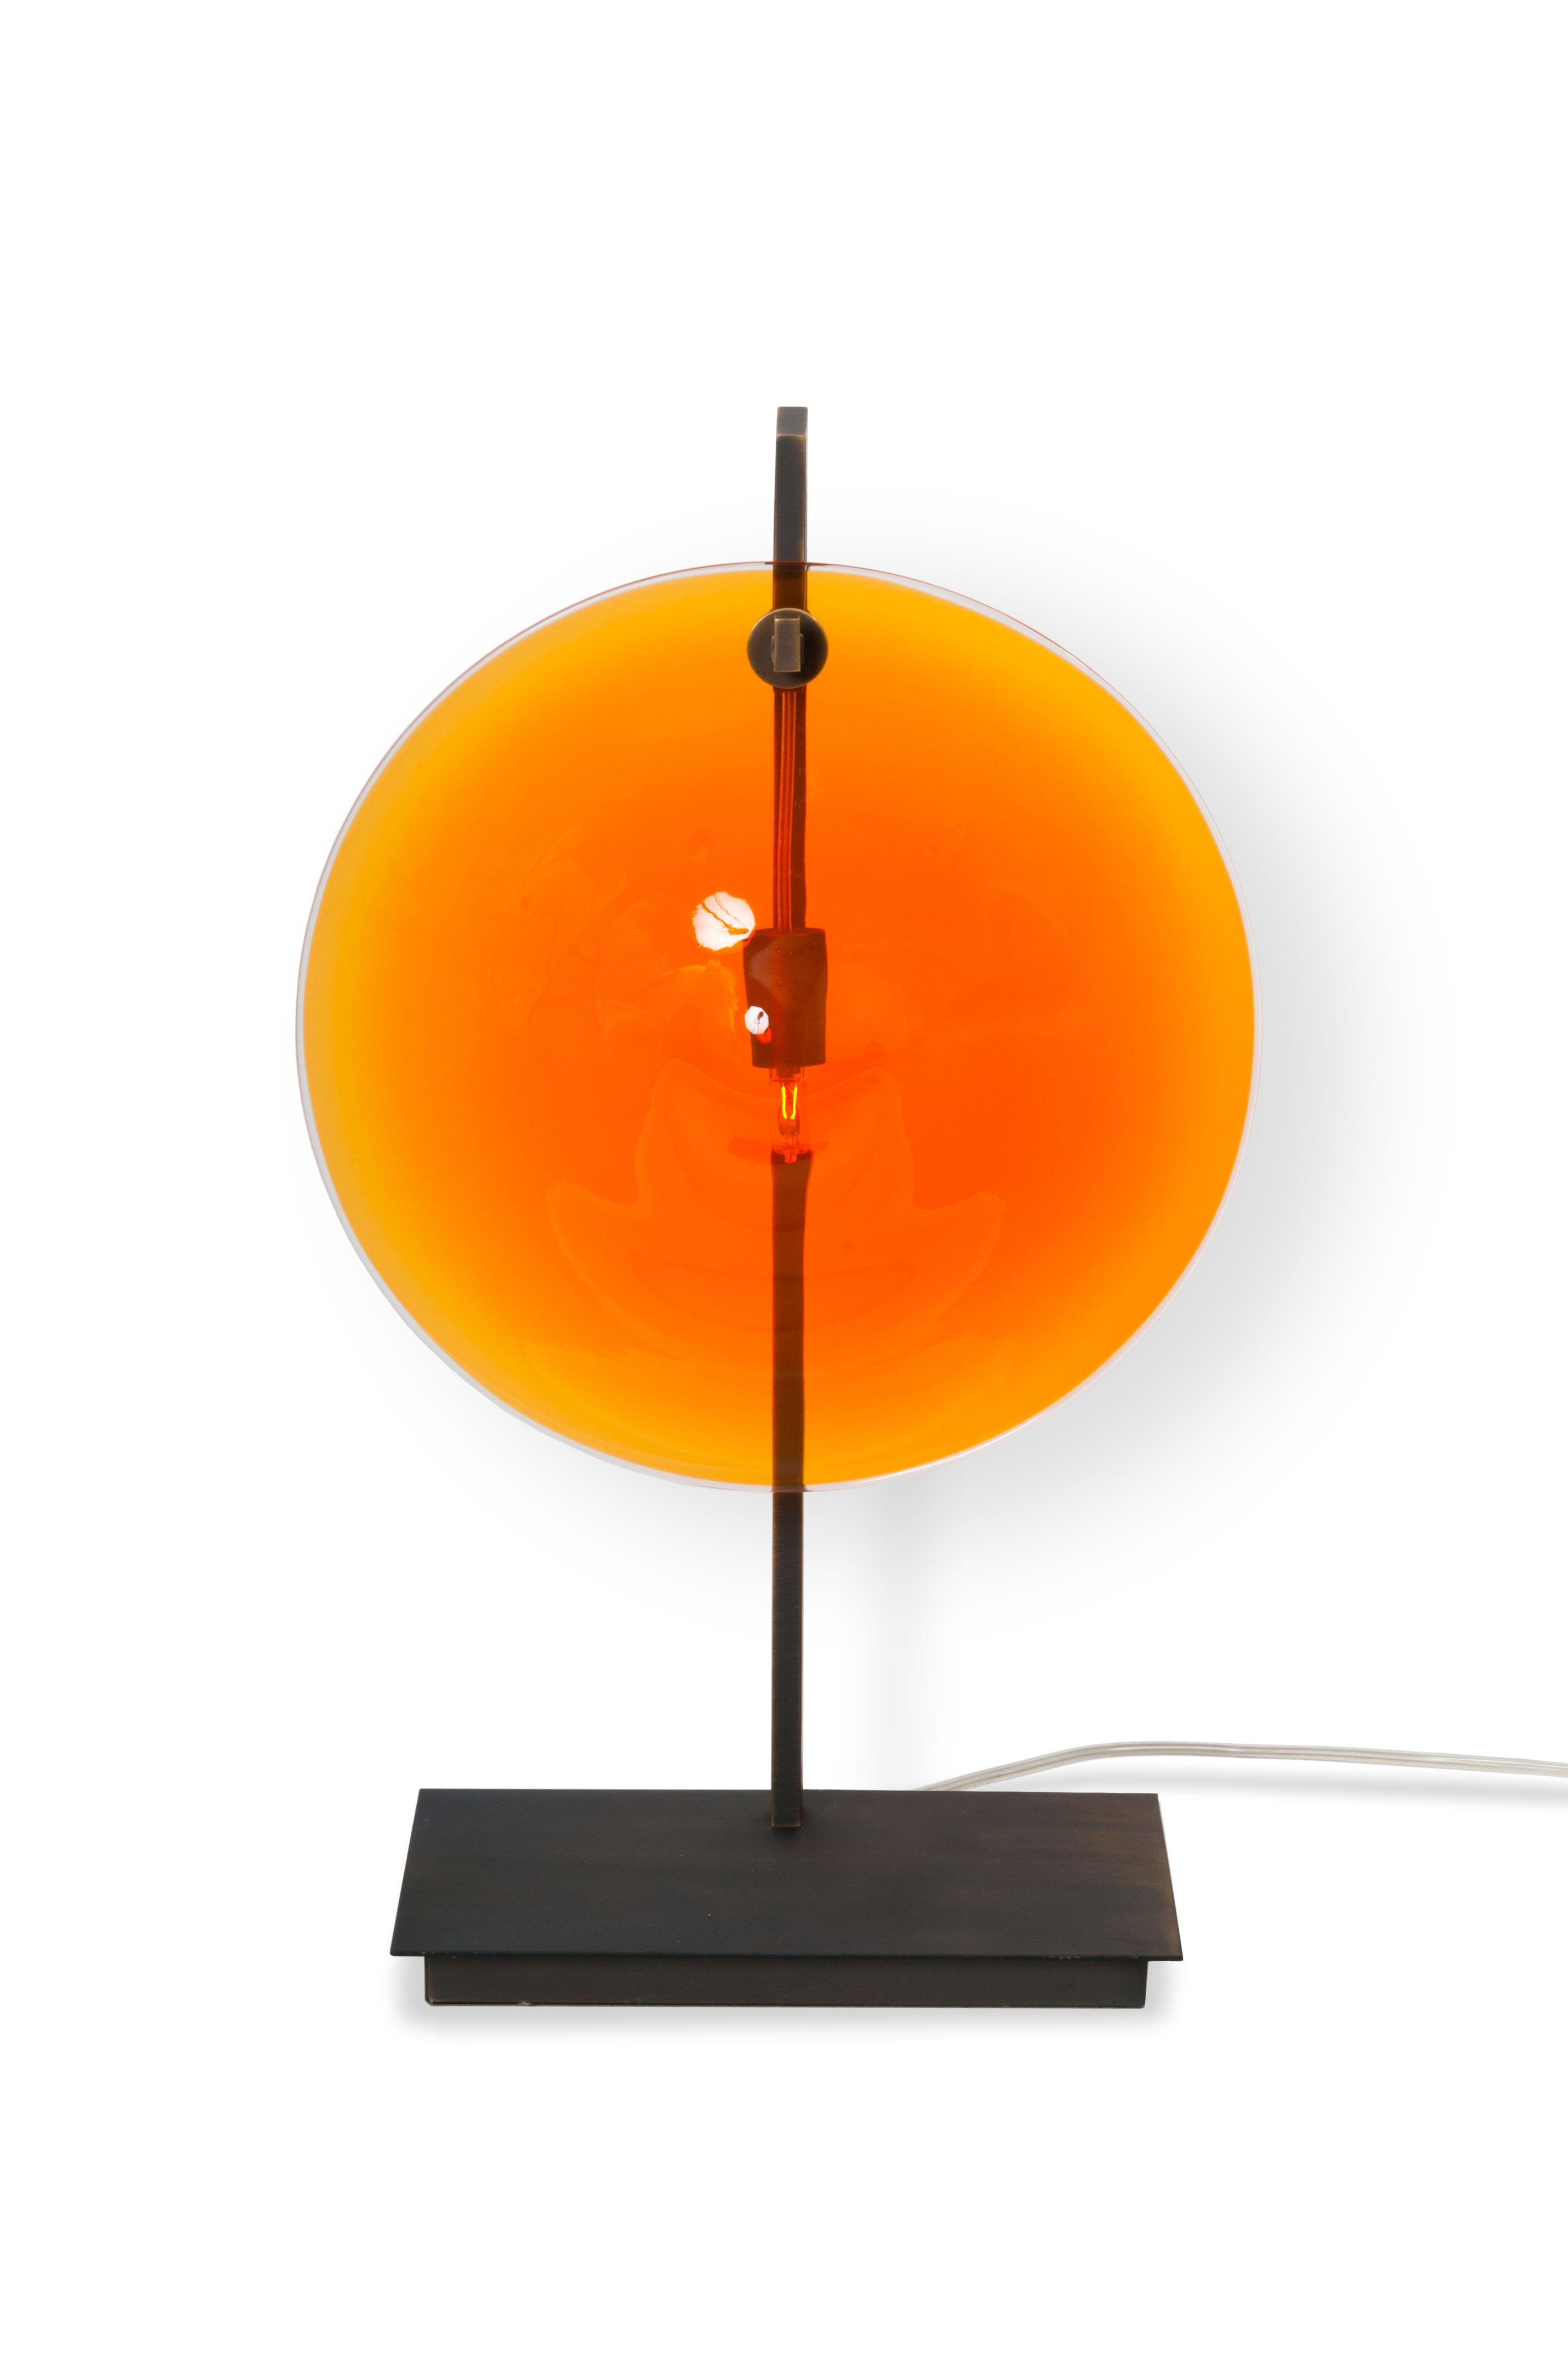 orbe-table-bronze-orange-patrick-naggar-veronese-1.jpg